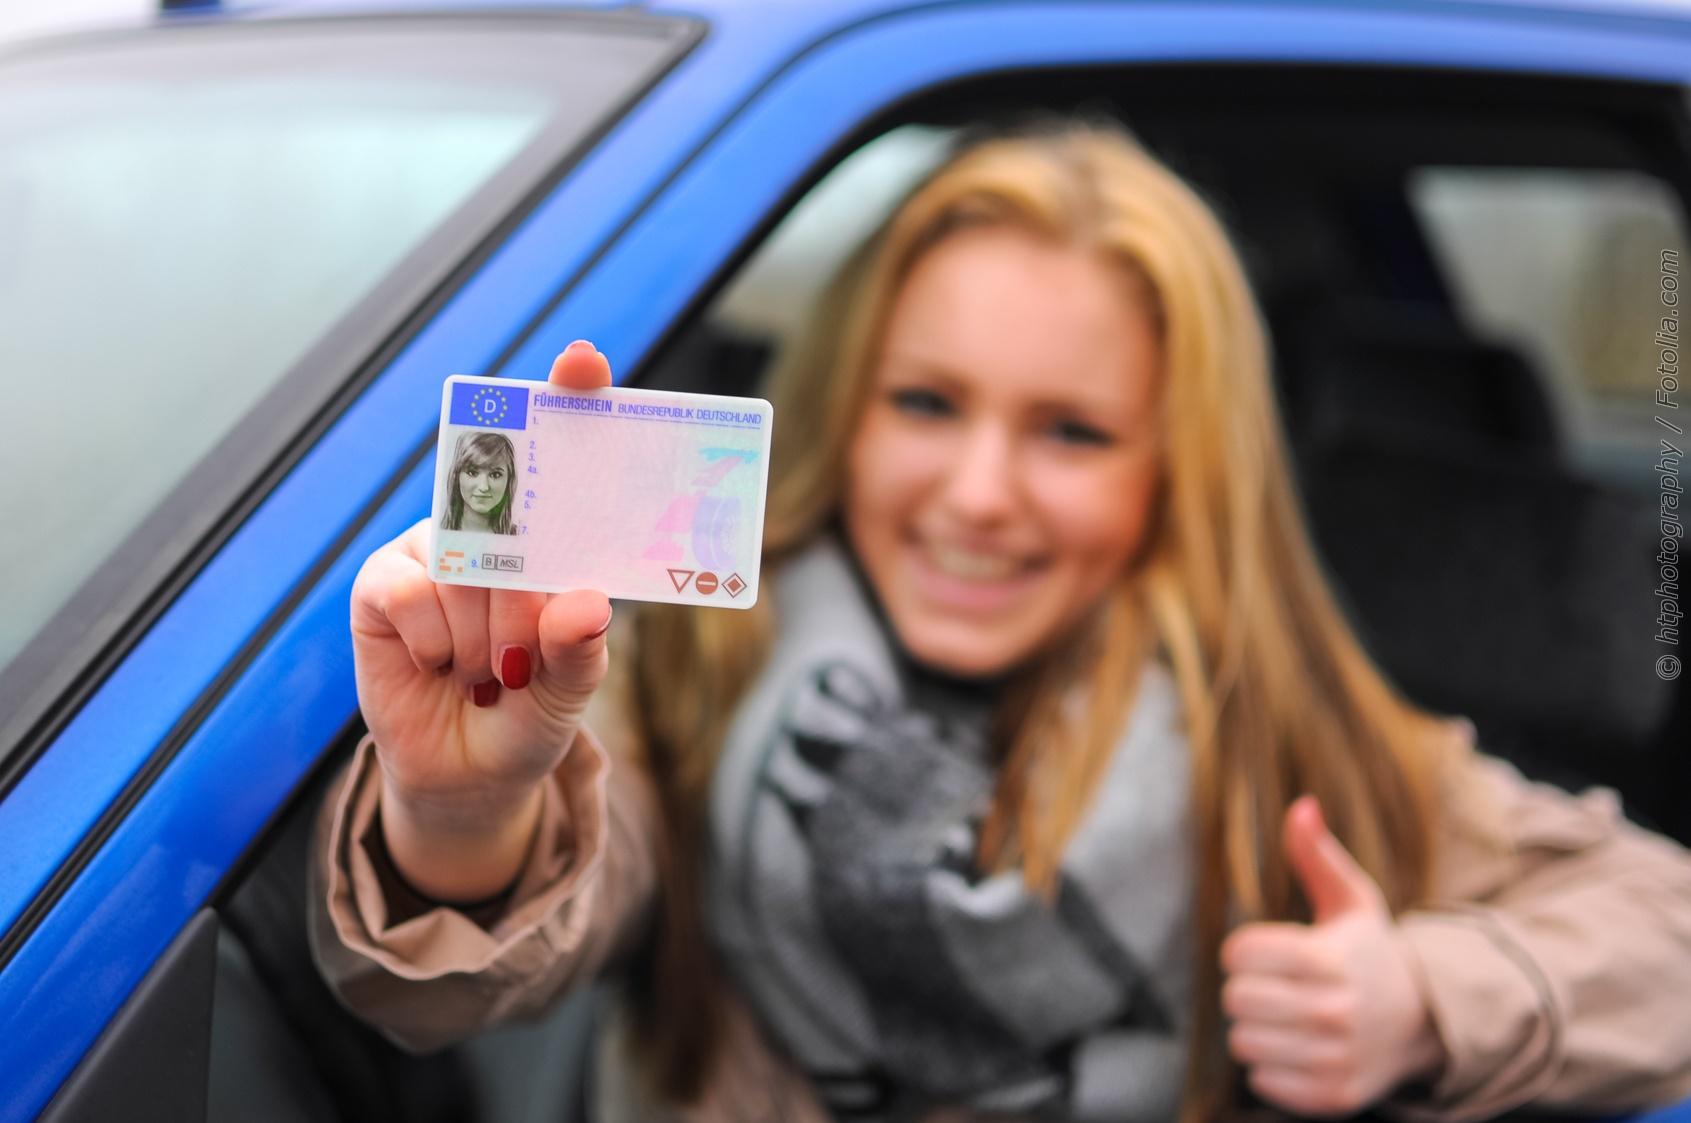 Mpu Umgehen Mit Eu Führerschein